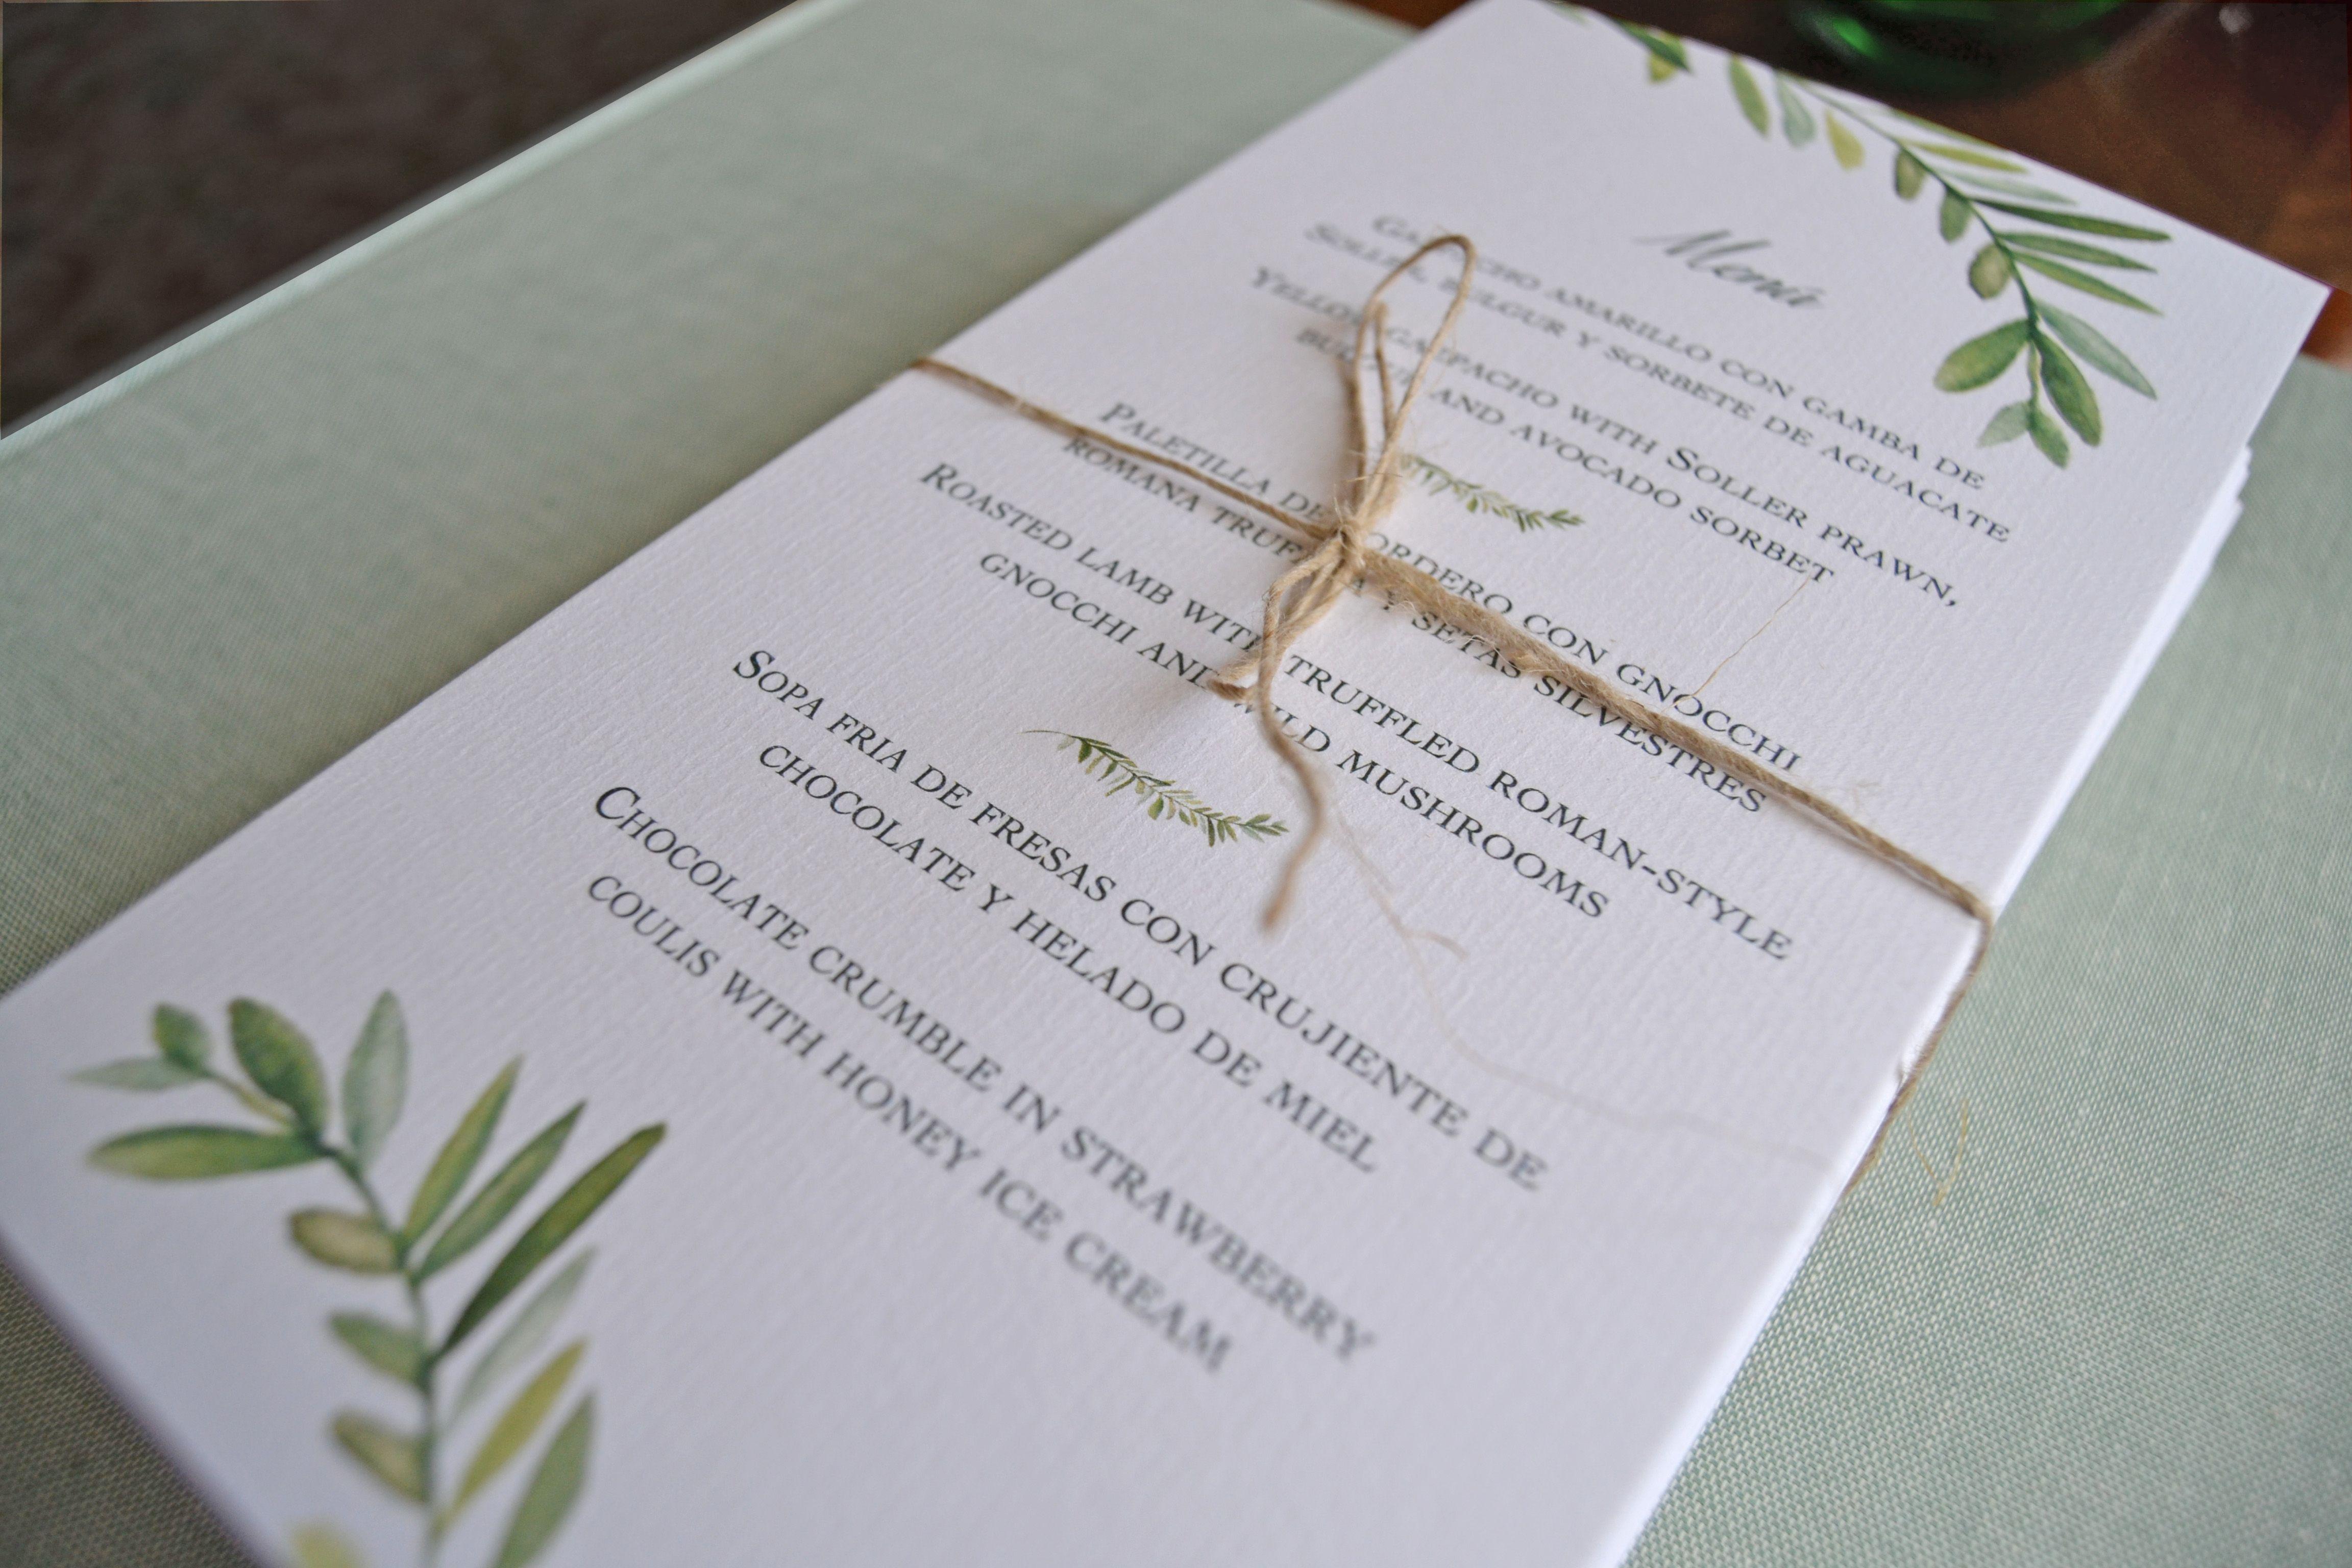 Menús para bodas con diseño de hojas de laurel en acuarela By Silvia Galí. www.silviagali.com